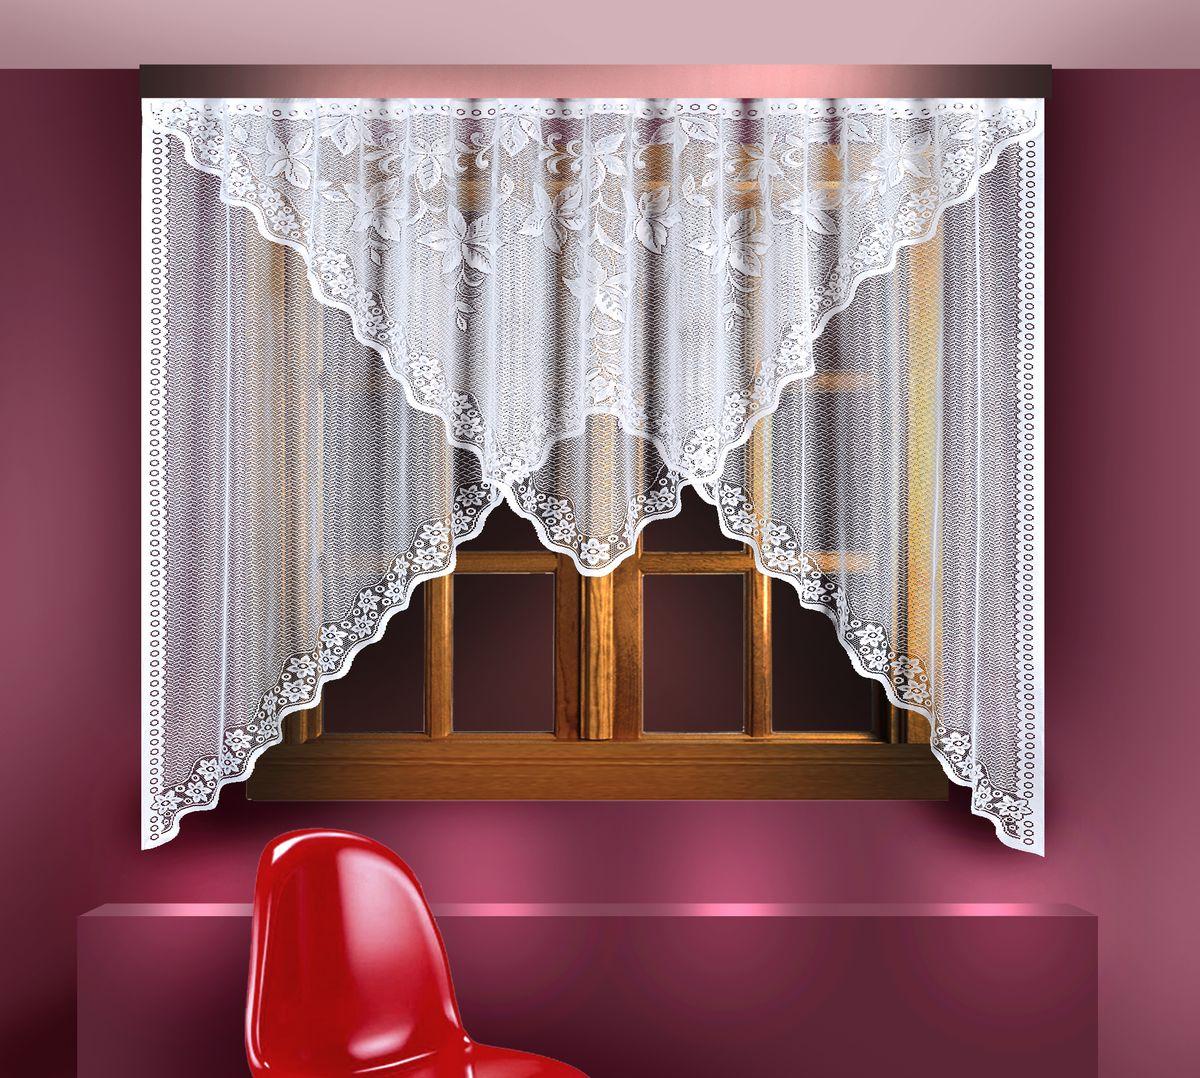 Гардина Zlata Korunka, цвет: белый, высота 180 см. 8881388813Воздушная гардина Zlata Korunka, изготовленная из полиэстера белого цвета, станет великолепным украшением любого окна. Гардина выполнена из сетчатого материала и декорирована цветочным орнаментом по краям. Вверху гардина оснащена ламбрекеном, выполненным в форме треугольника и украшенным цветочным рисунком.Тонкое плетение и оригинальный дизайн привлекут к себе внимание и органично впишутся в интерьер. Верхняя часть гардины не оснащена креплениями.